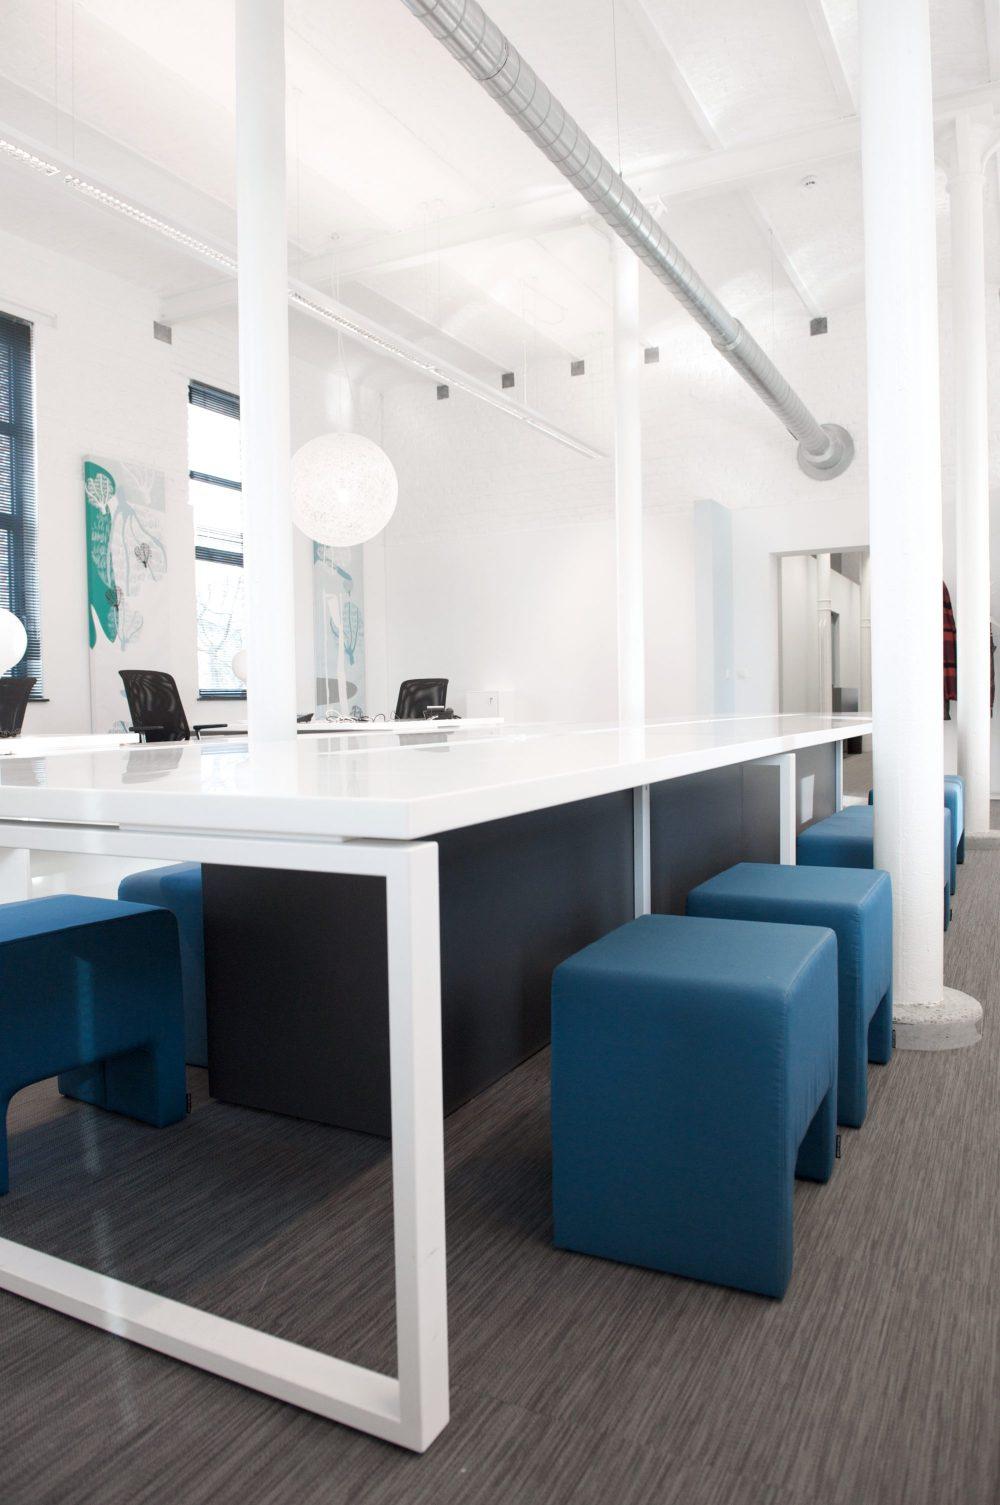 espace bureaux toute blanche, bureaux et mobilier blancs, sièges bureaux noirstable blanc, poufs bleus